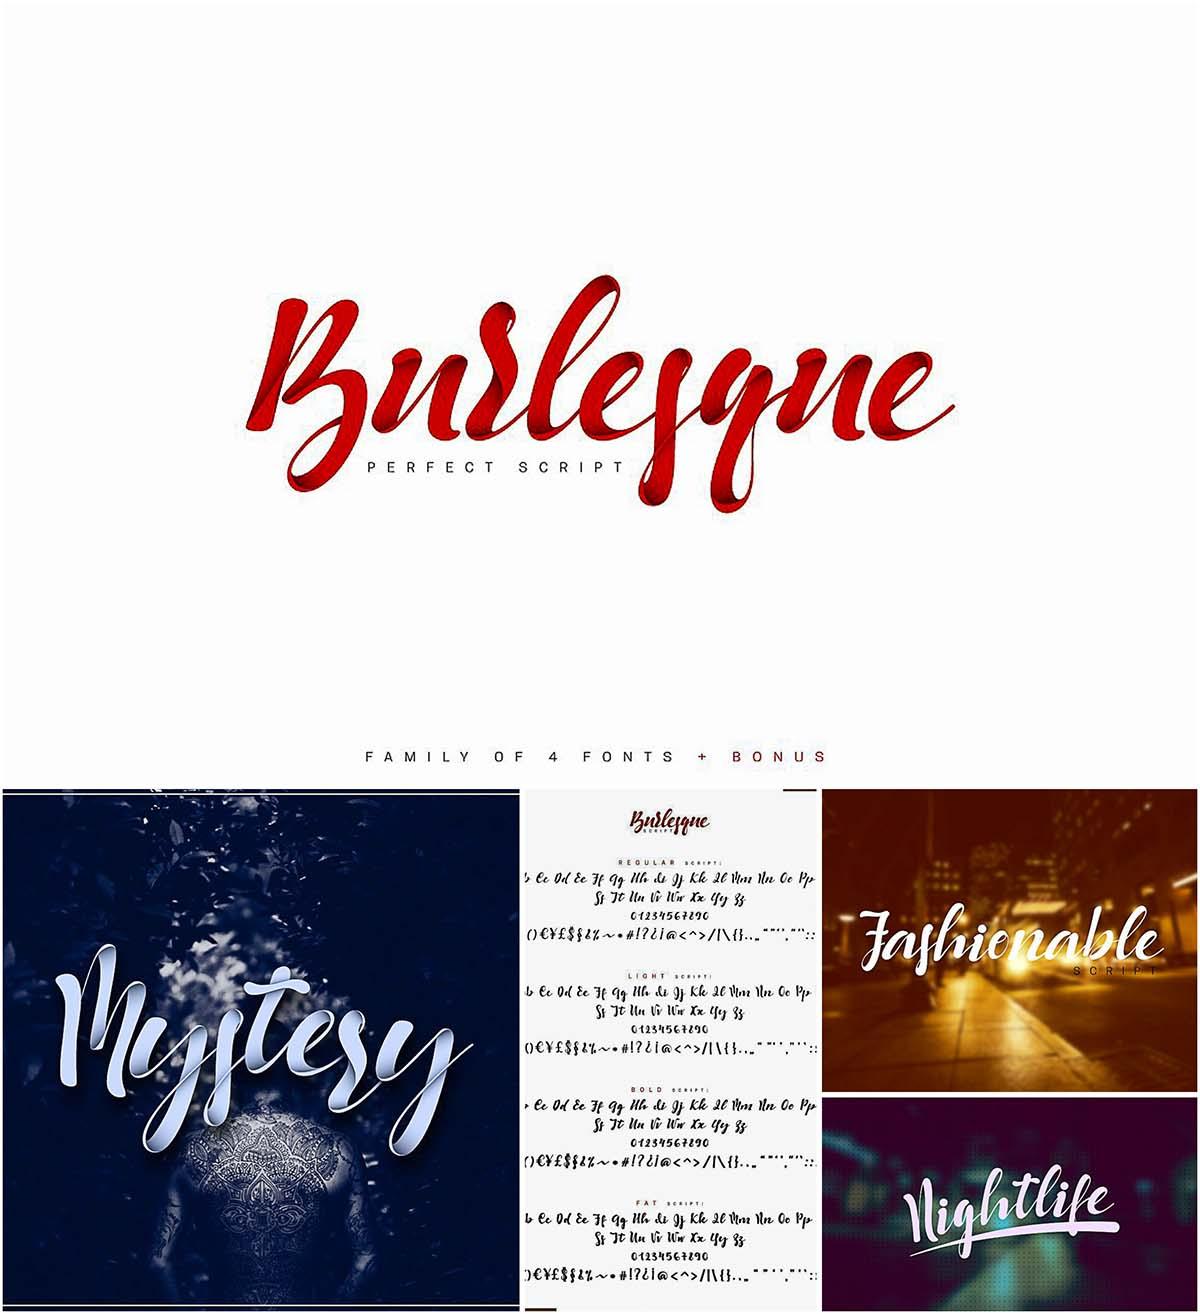 Burlesque font set